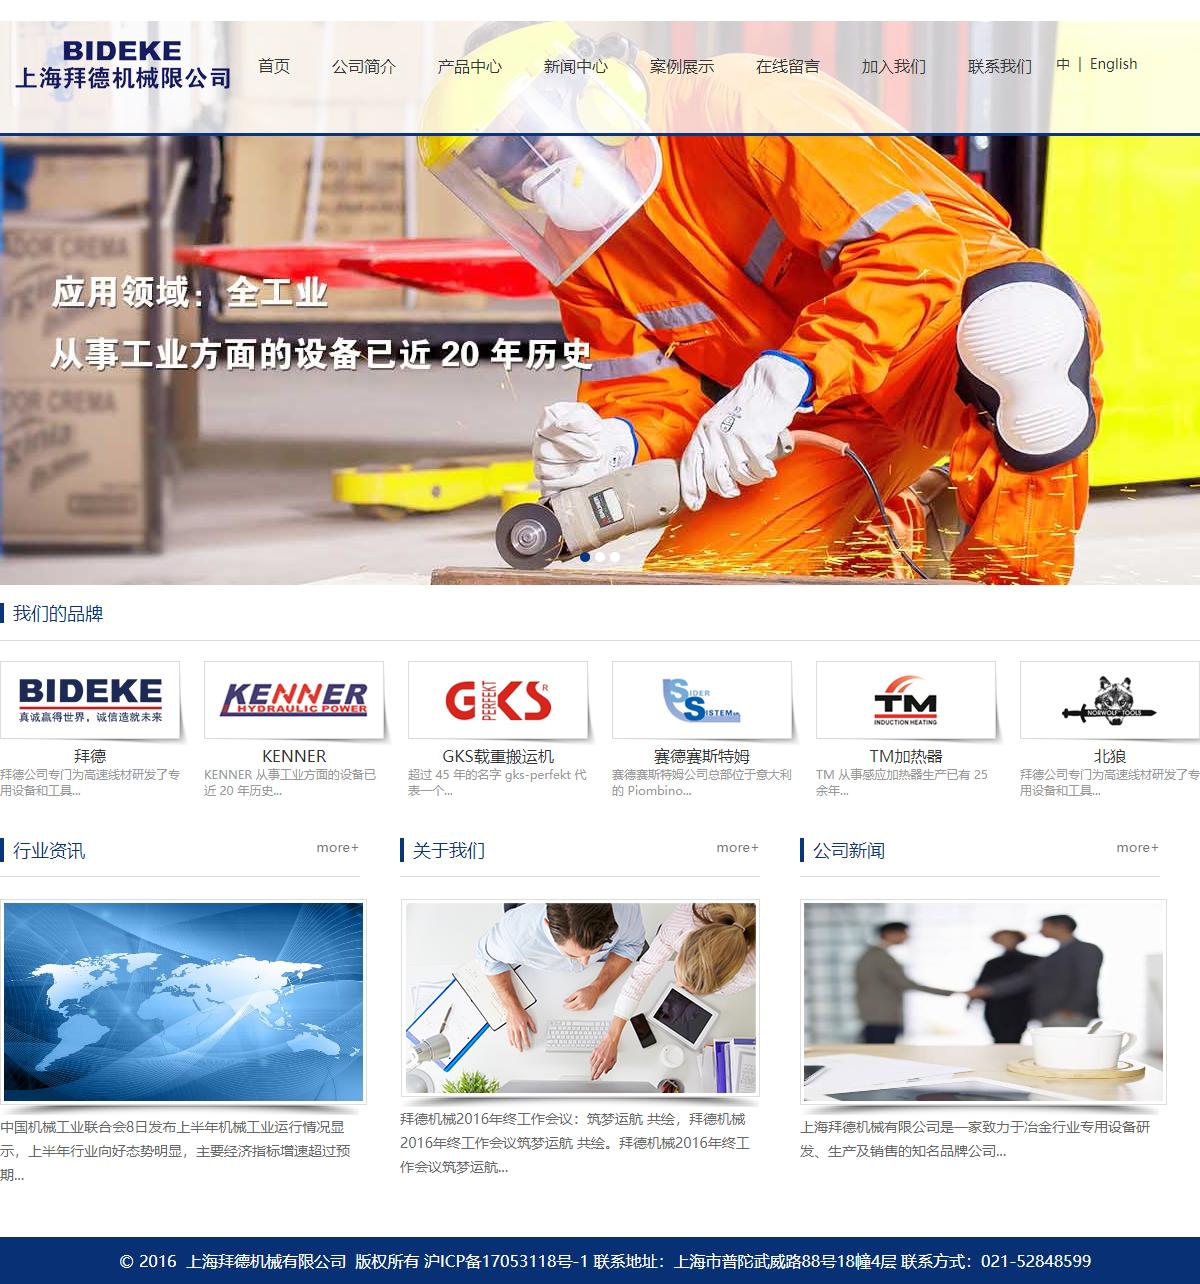 上海拜德机械有限公司网站案例